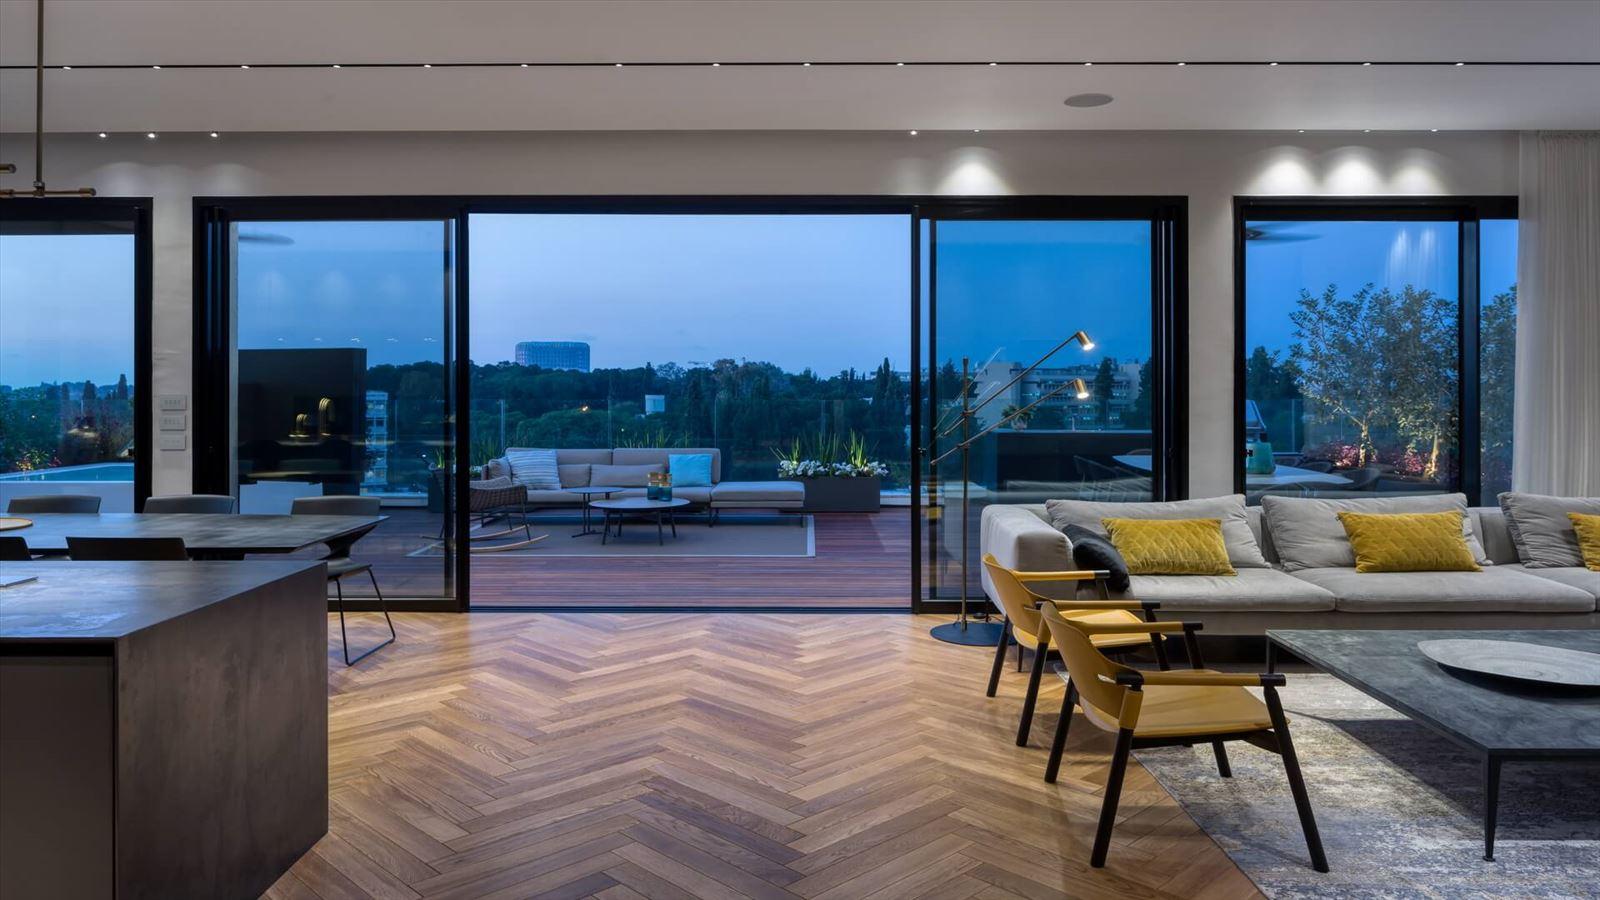 Penthouse Carmelit - עיצוב תאורה על ידי קמחי דורי